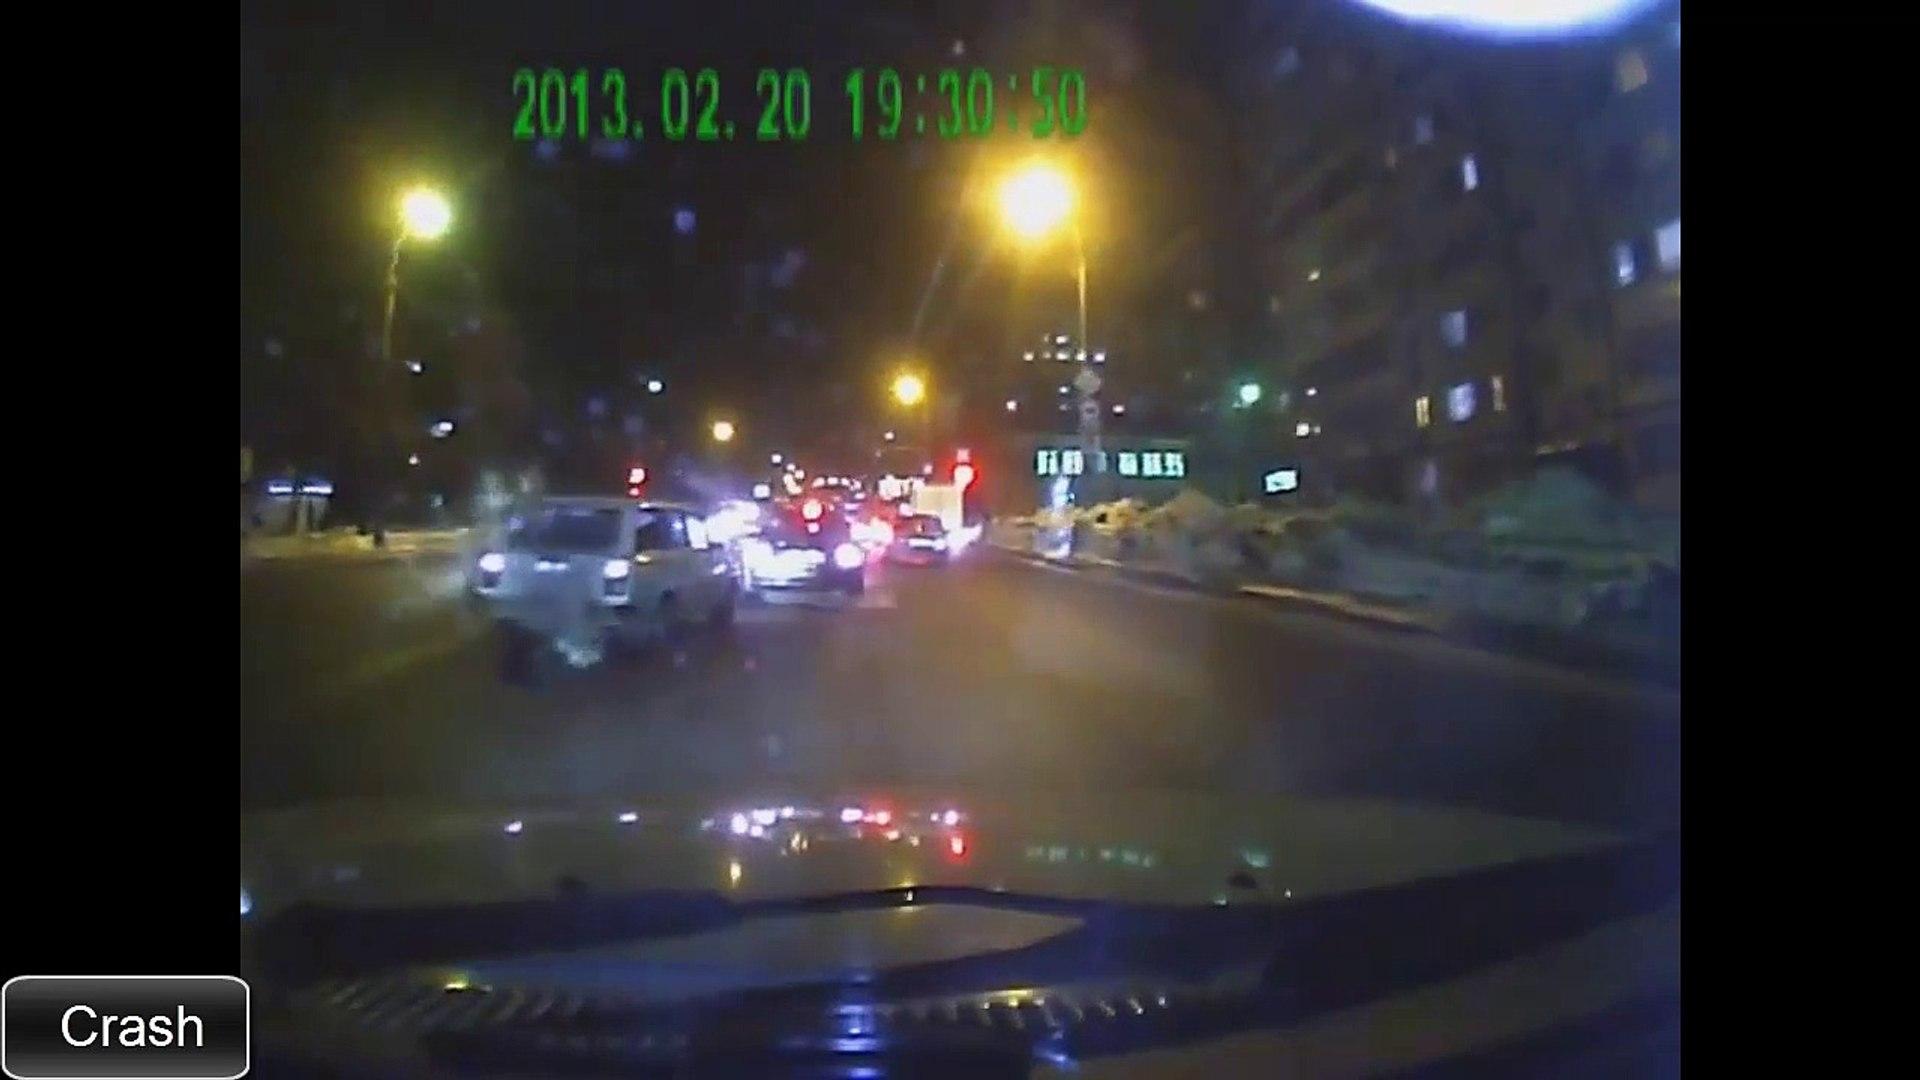 Аварии на дорогах видео 2015 смотреть бесплатно. Часть 3